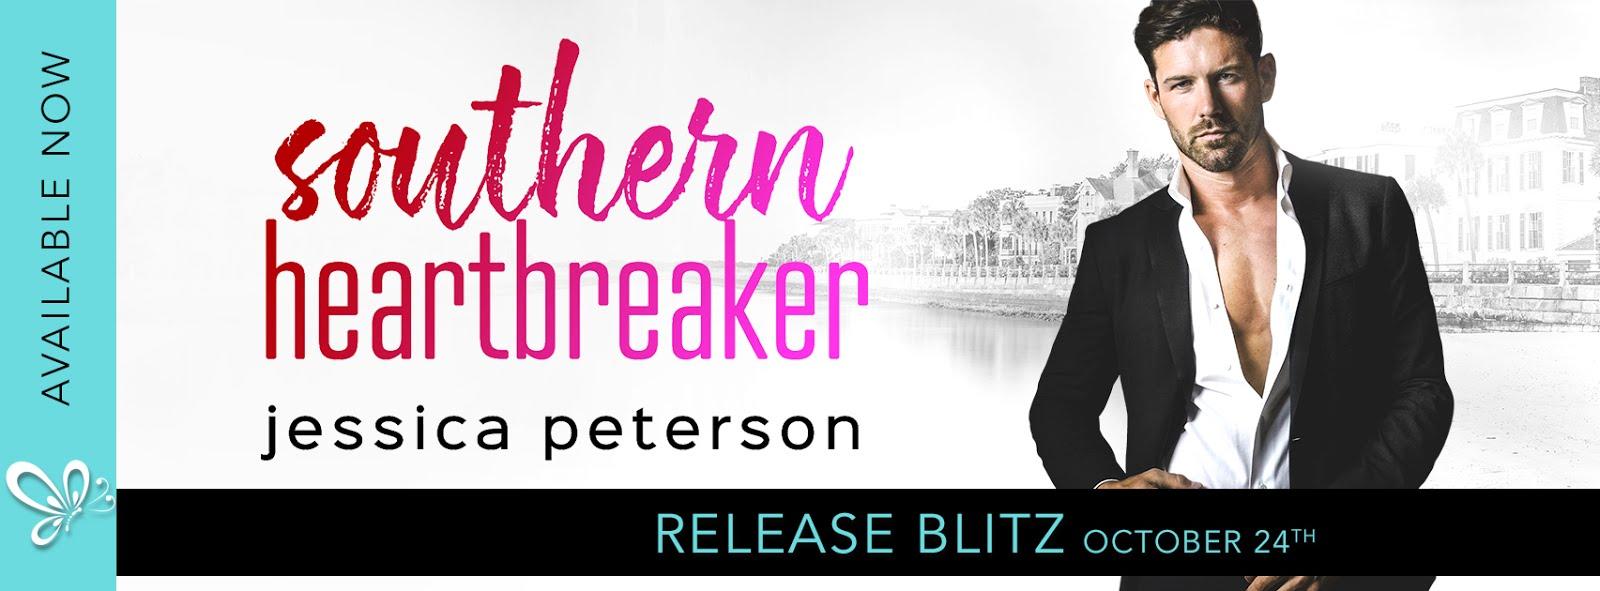 Southern Heartbreaker Release Blitz